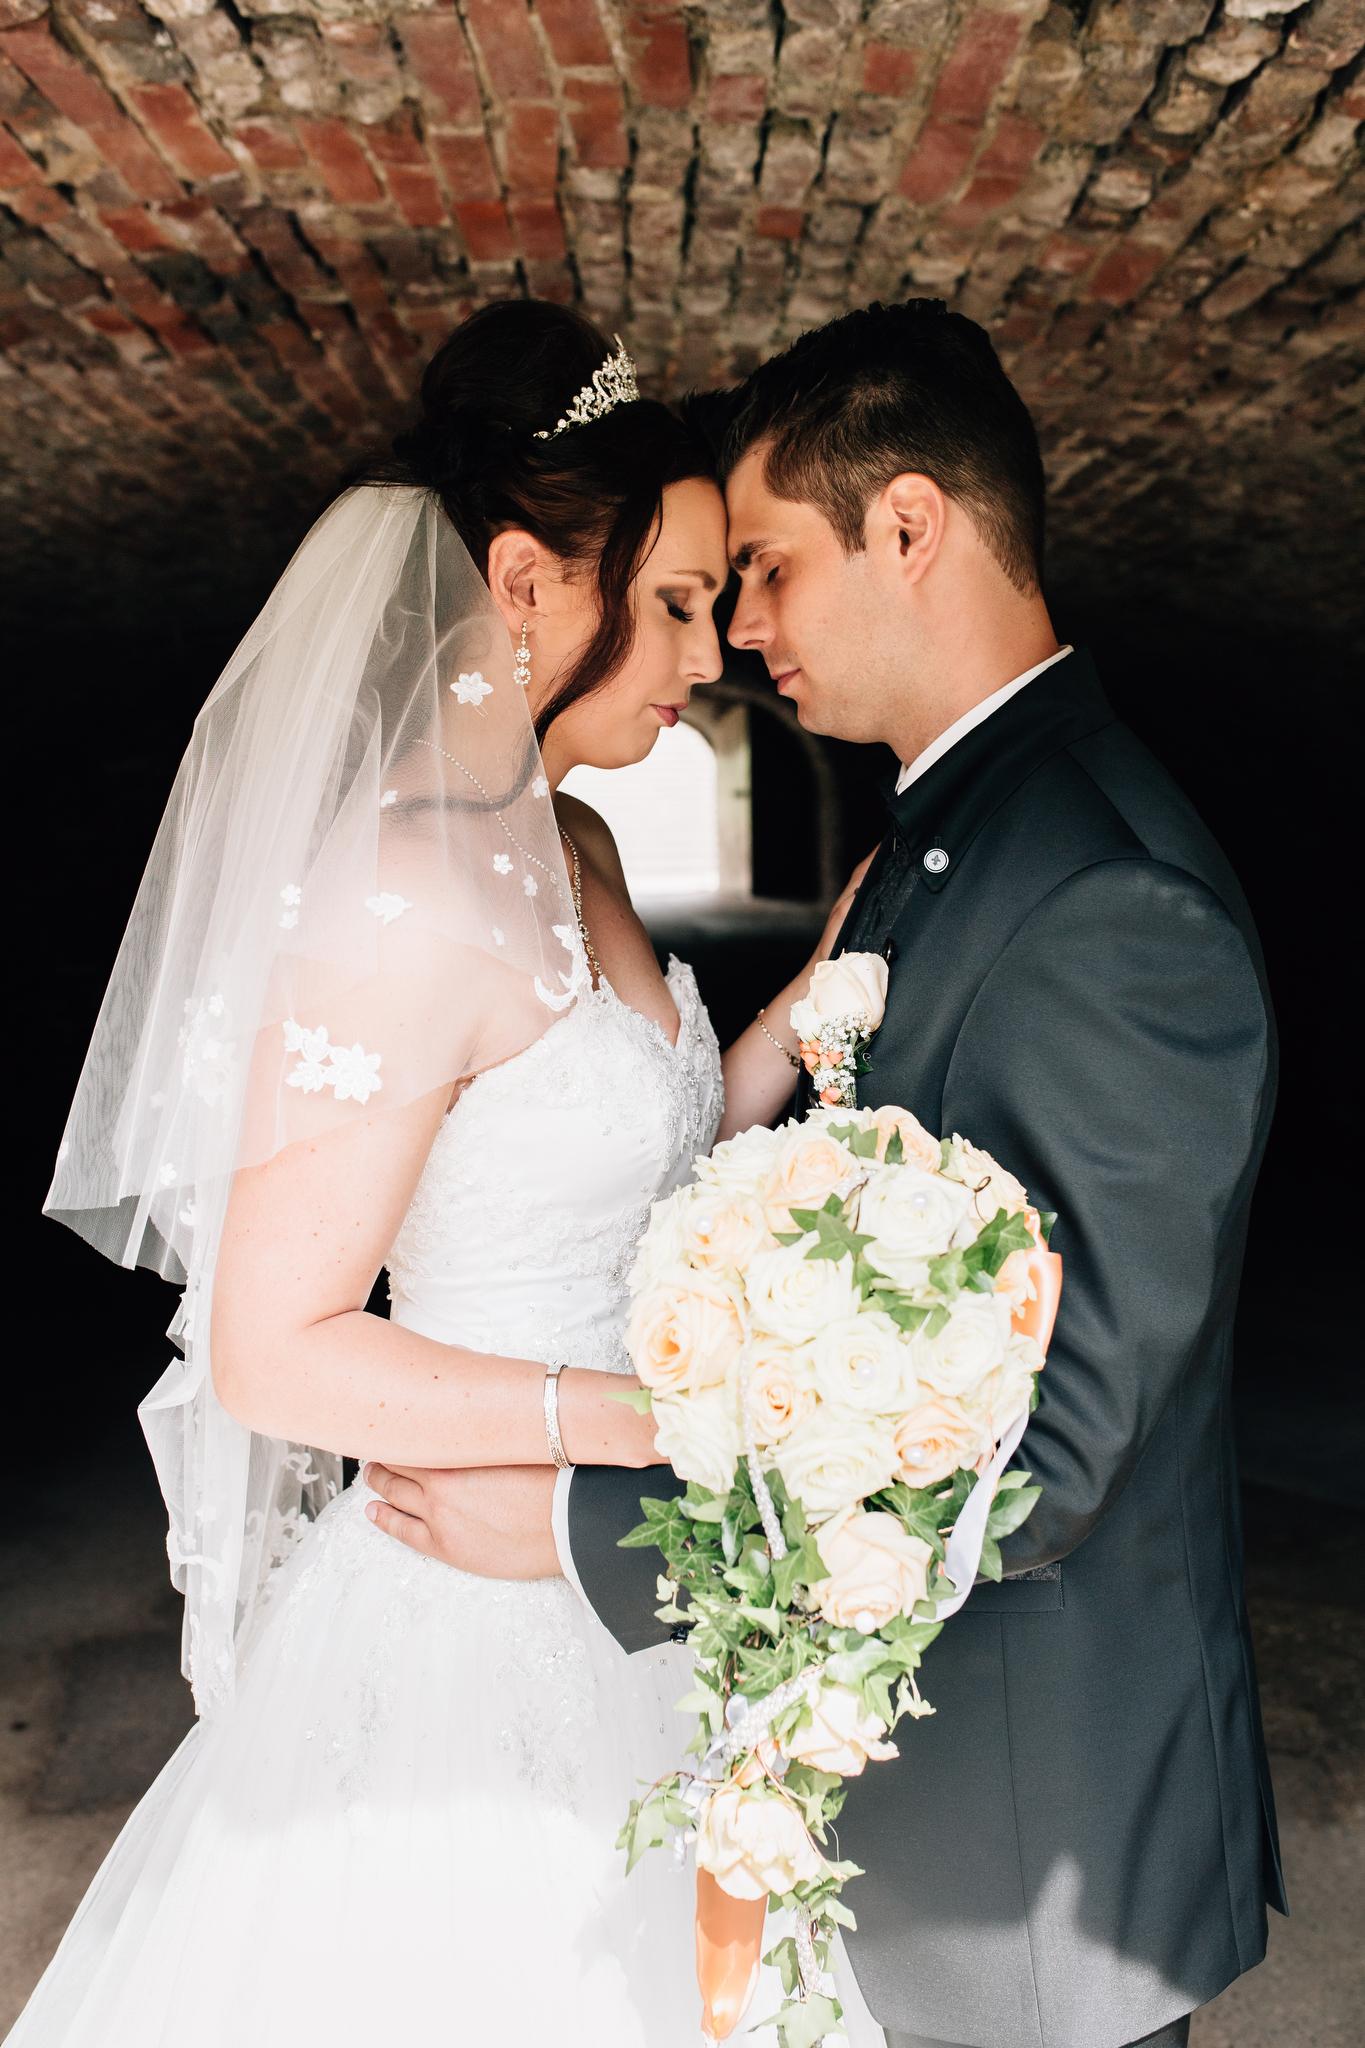 Claudia Krawinkel Fotografie Hochzeitsfotografie Hochzeit Blumenhalle im Brückenkopfpark Jülich Essen Düsseldorf Bochum Dortmund Mönchengladbach NRW Ruhrgebiet 63